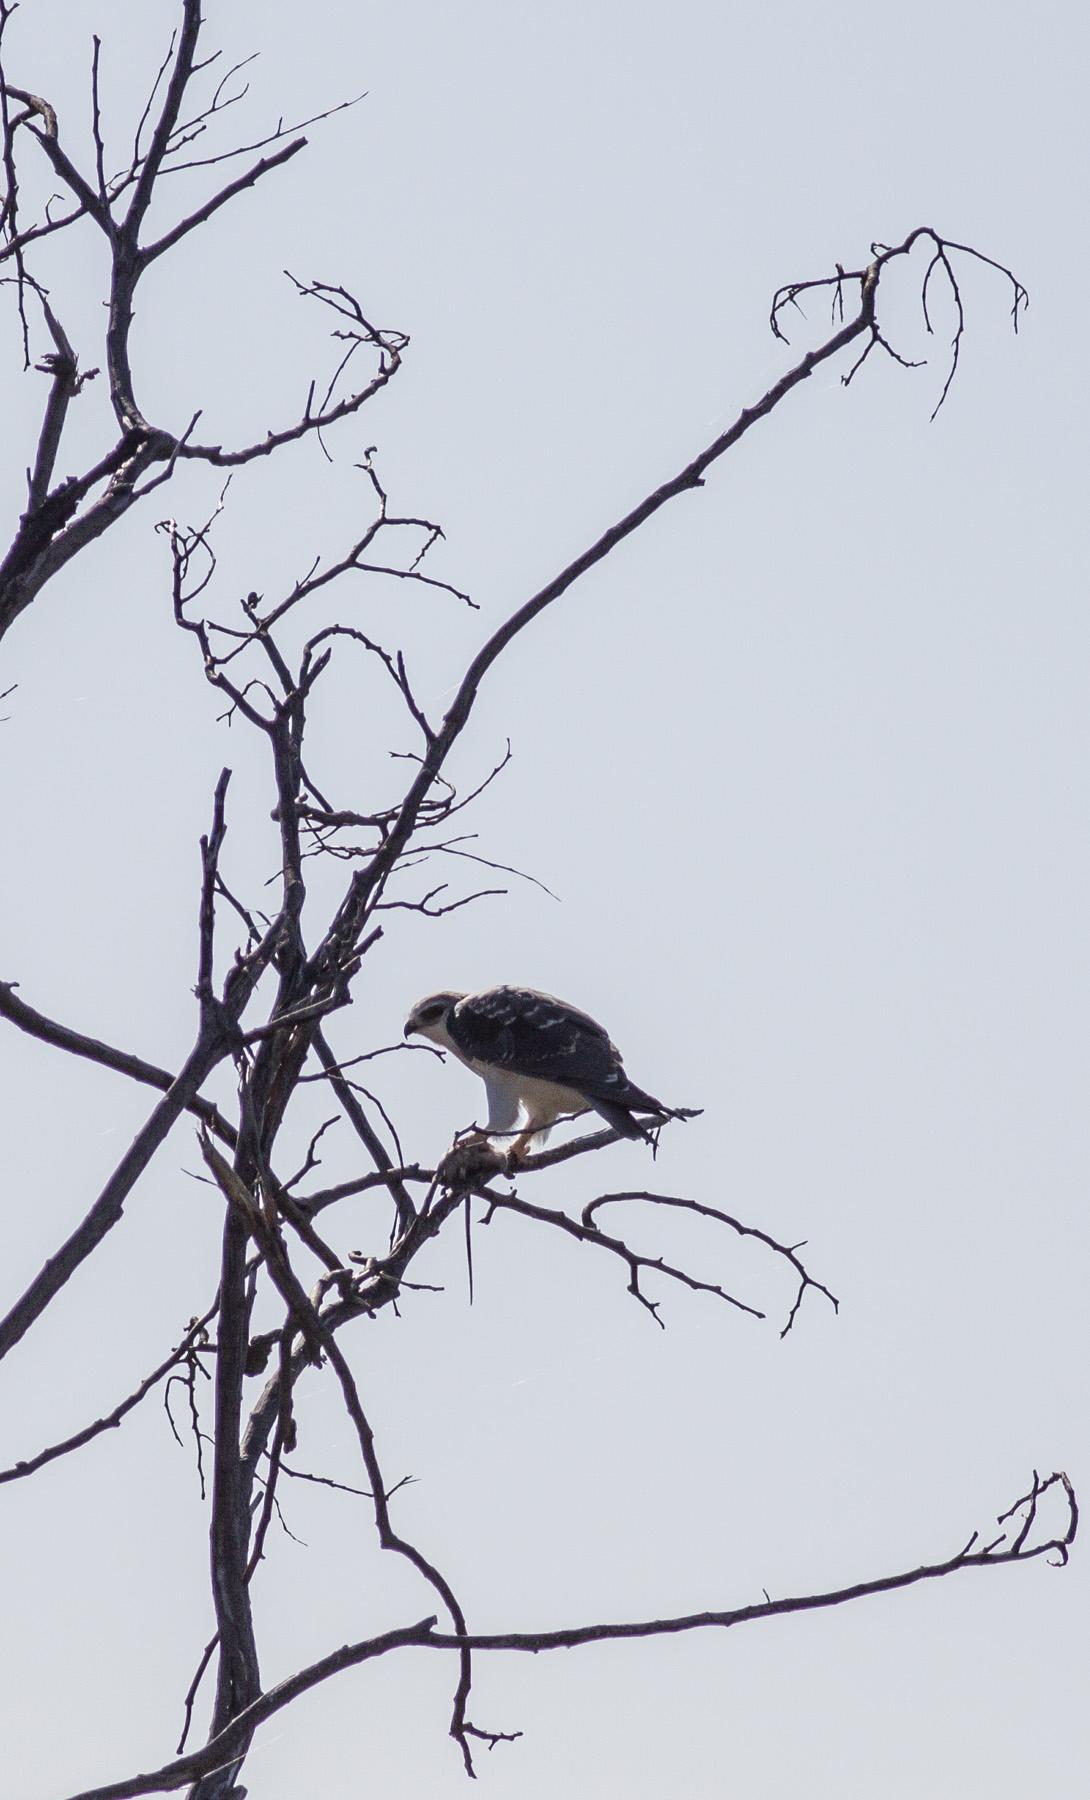 Feeding-Kite